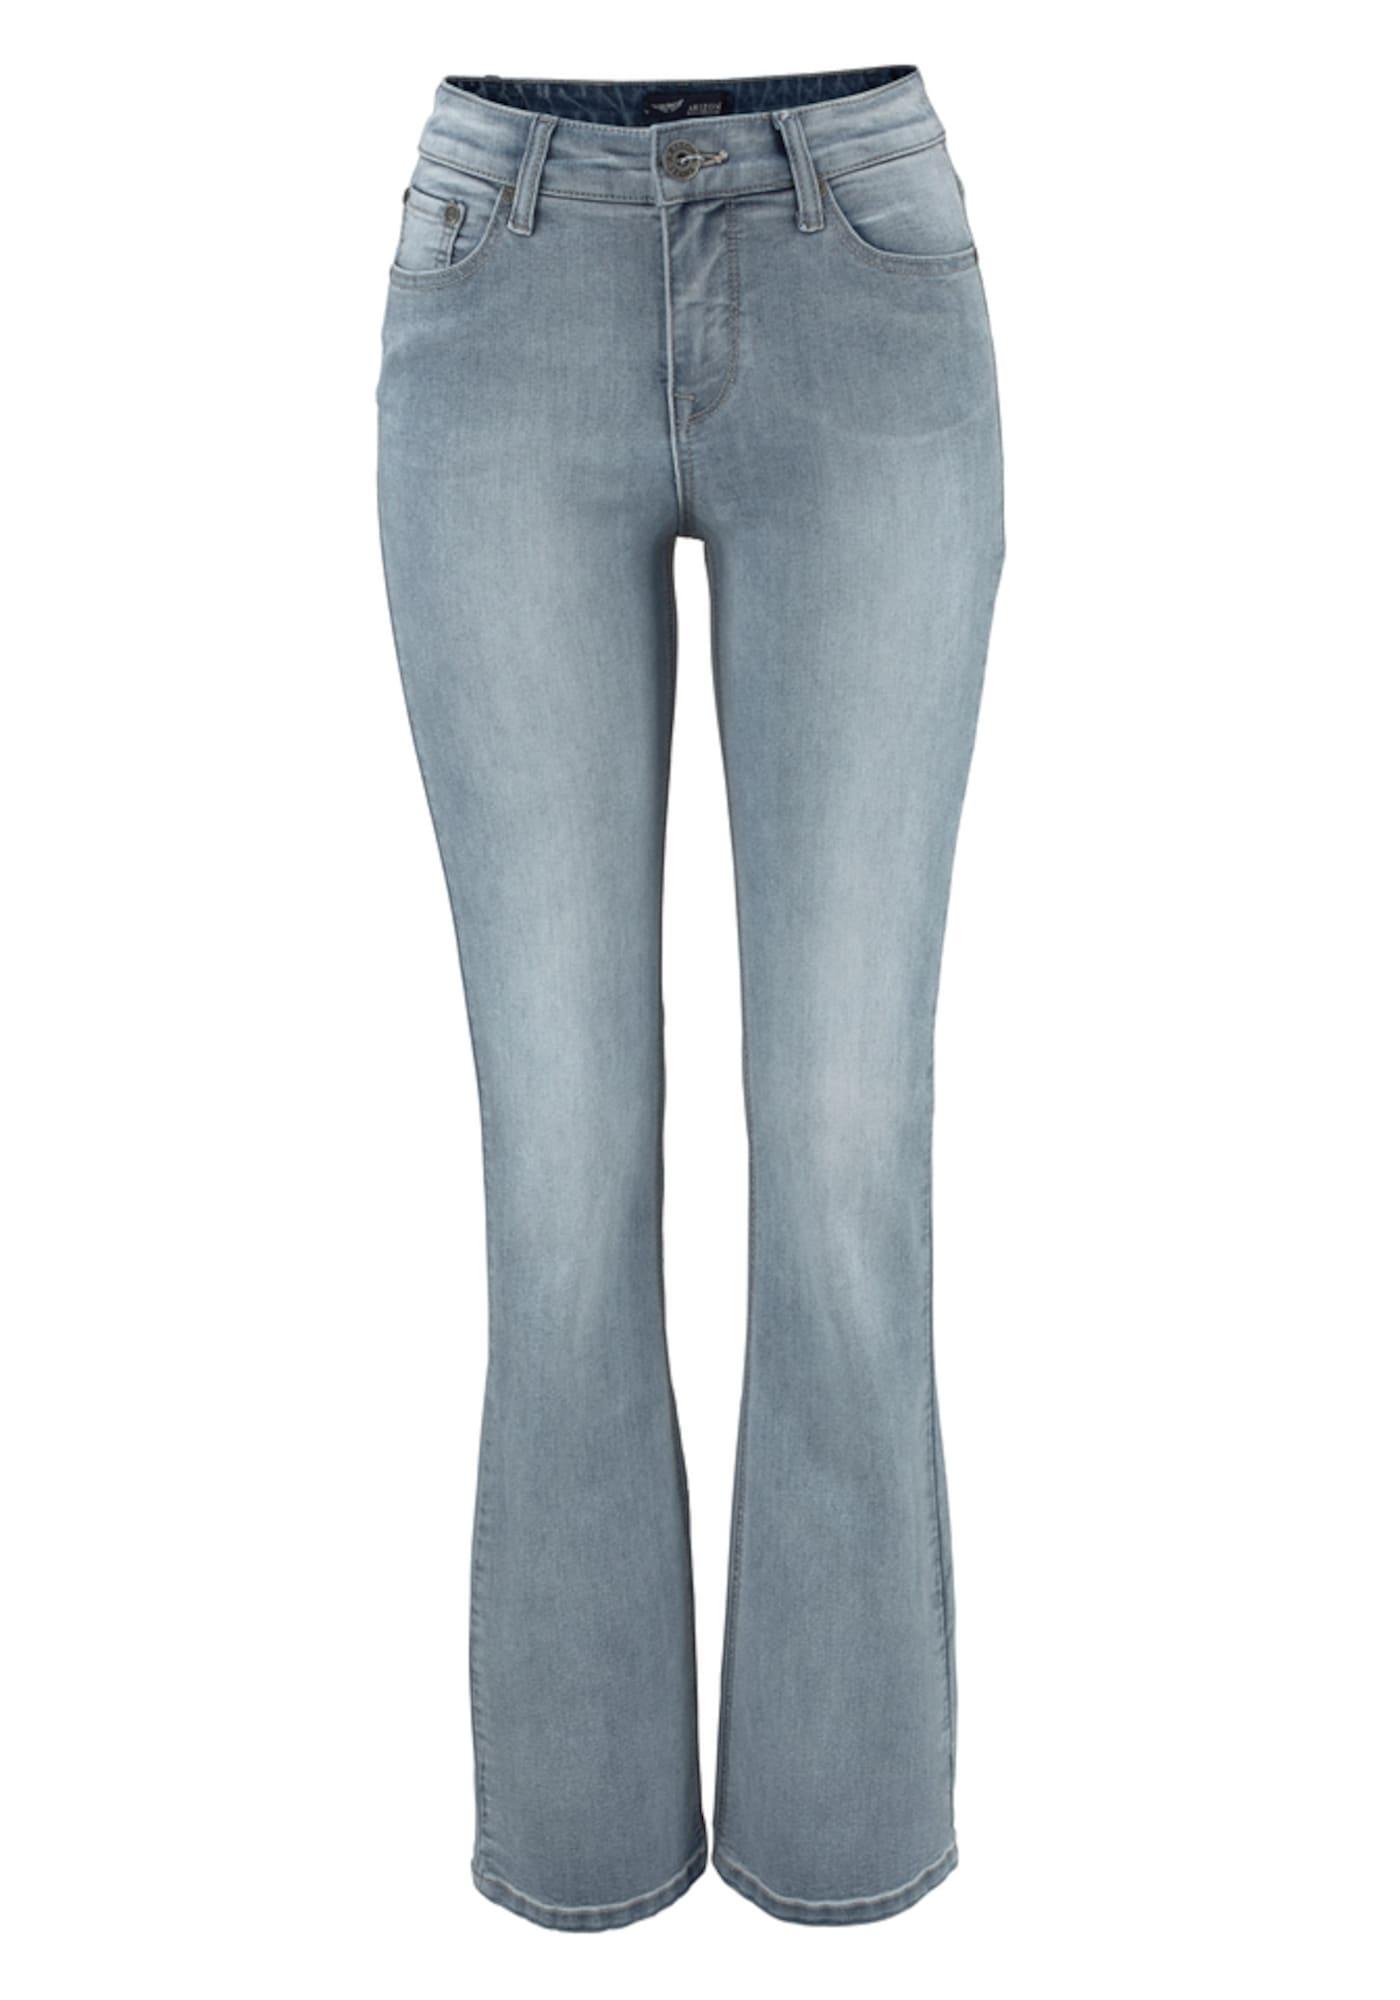 High-waist-Jeans 'Bootcut' | Bekleidung > Jeans > High Waist Jeans | Blue | ARIZONA